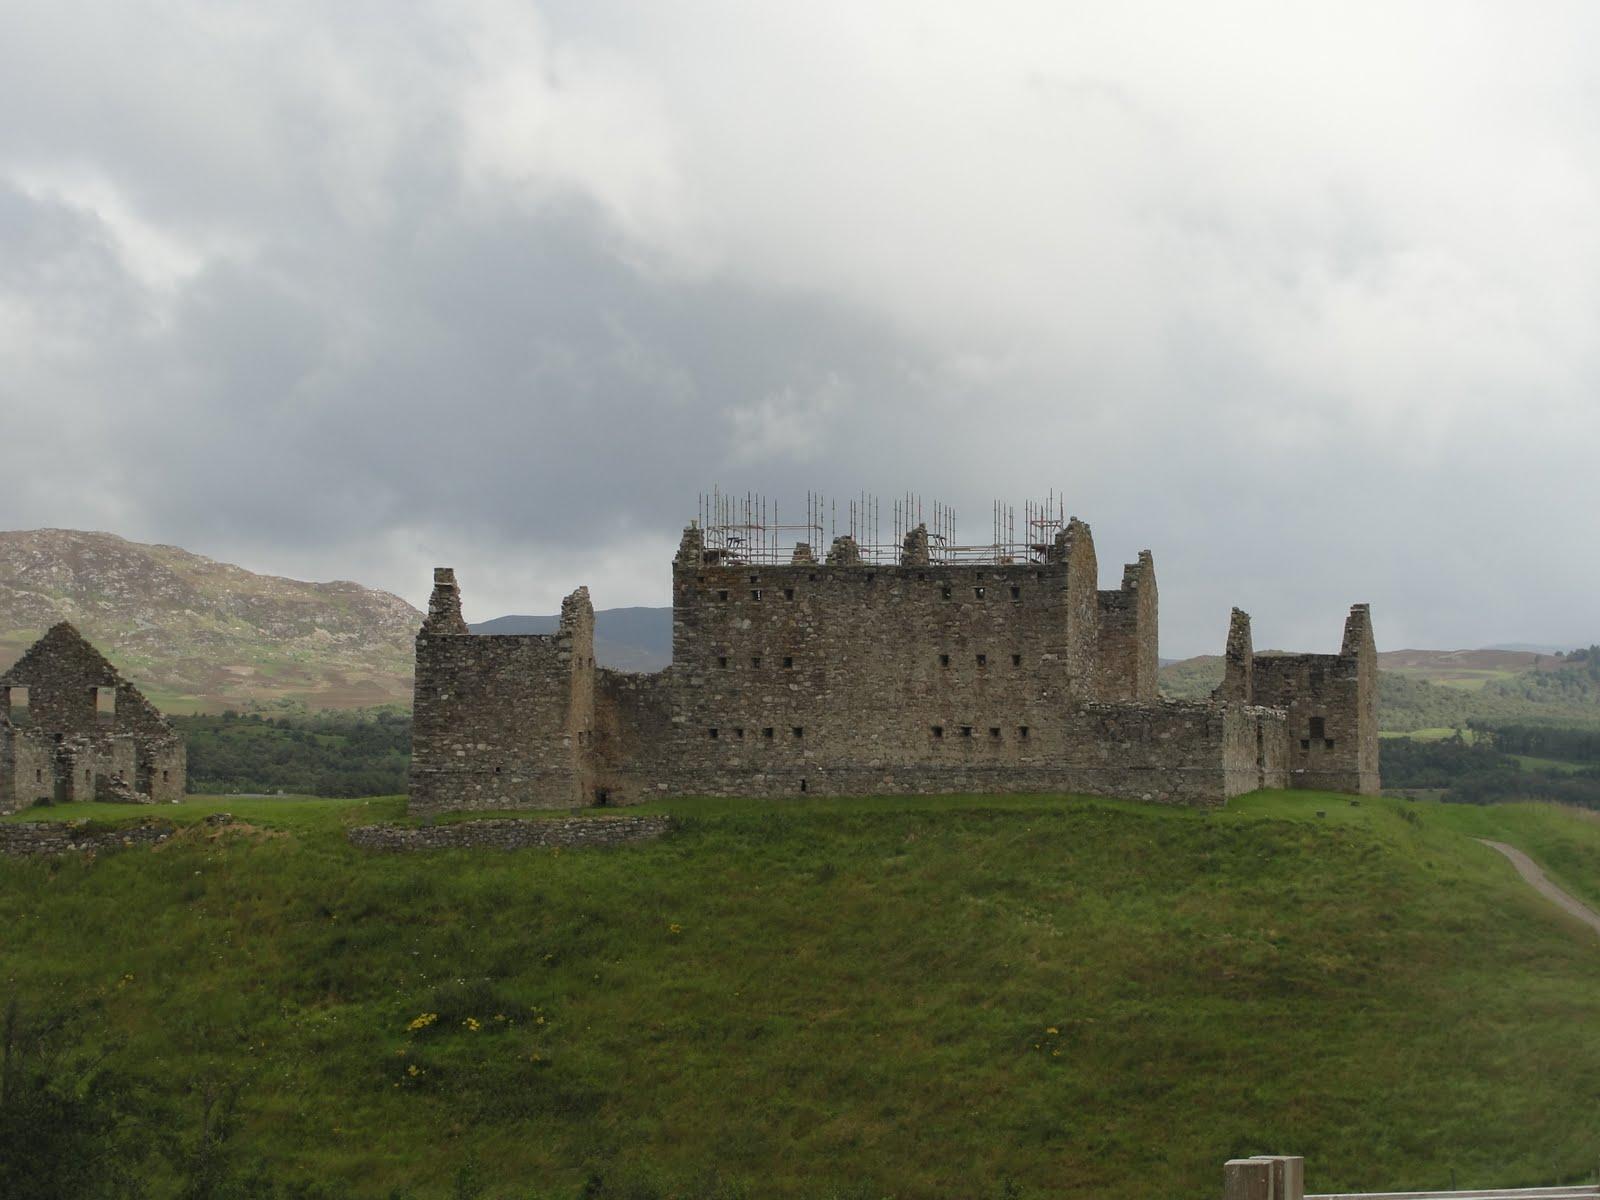 aviemore hindu singles Aviemore, scotland aviemore, scotland aviemore, scotland aviemore, scotland-- aviemore, scotland city: aviemore street: aviemore county or state: aviemore.